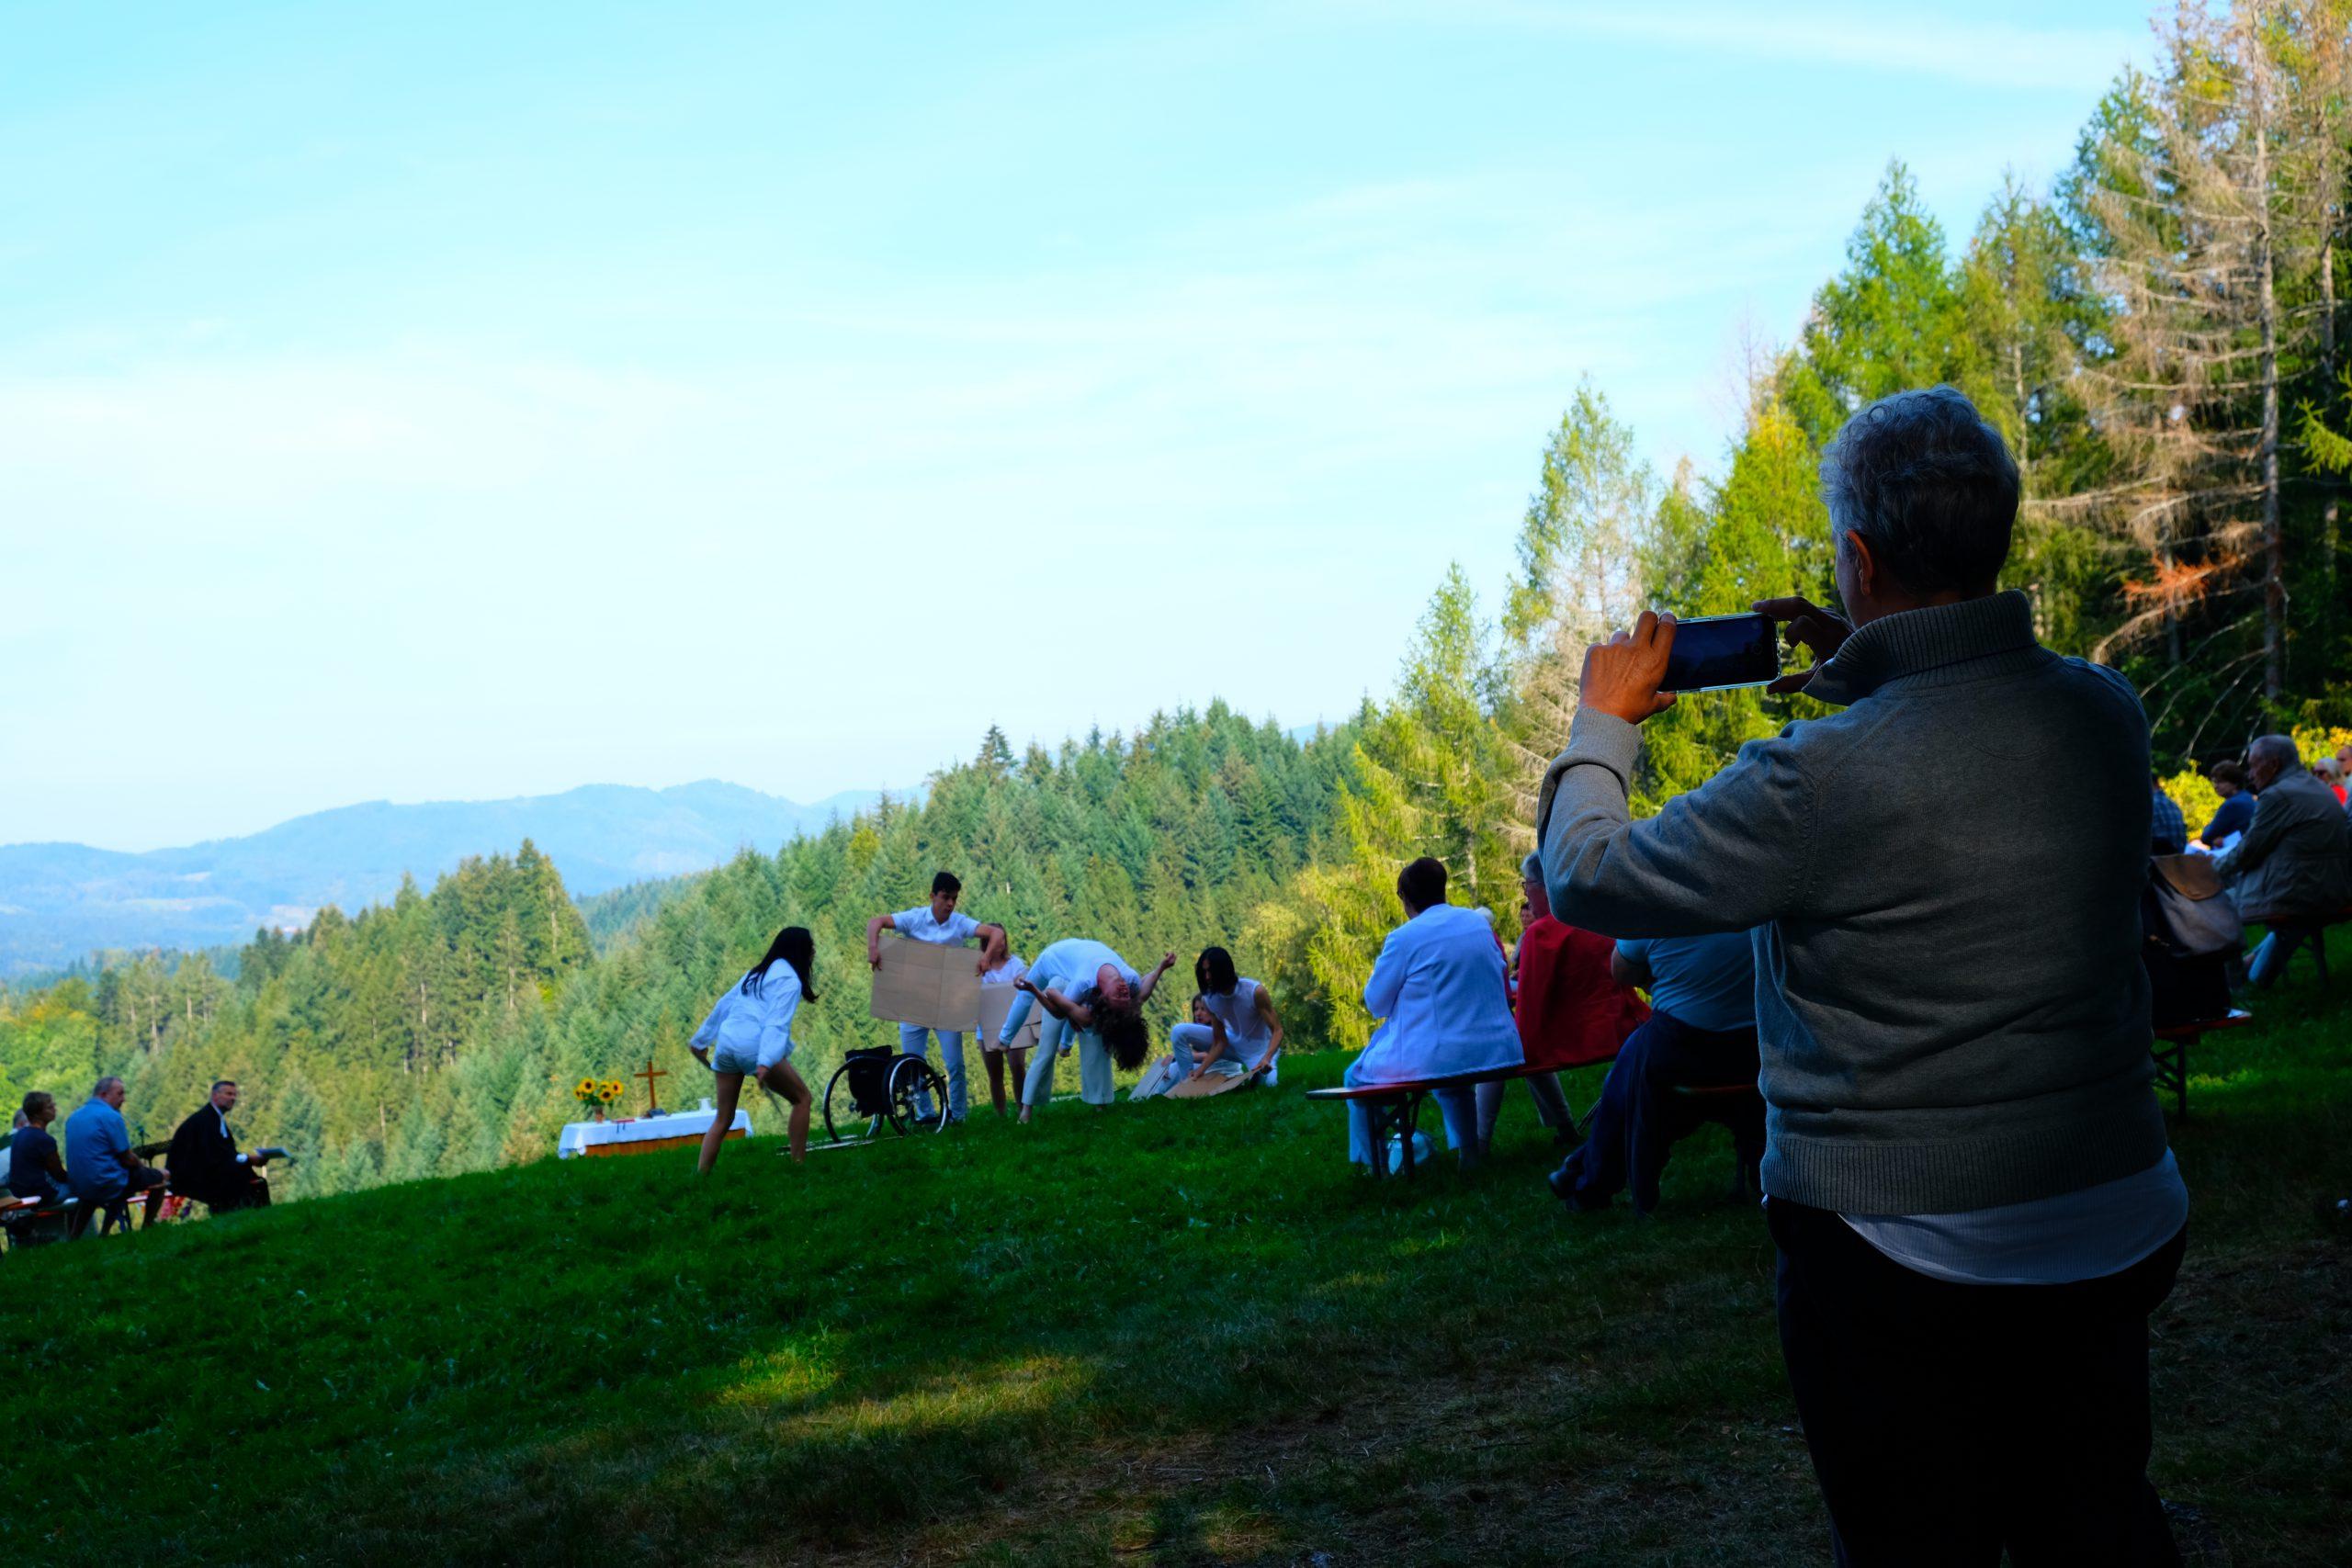 Berggottesdienst, Musik, Tanz und der Geruch von Nadelwäldern